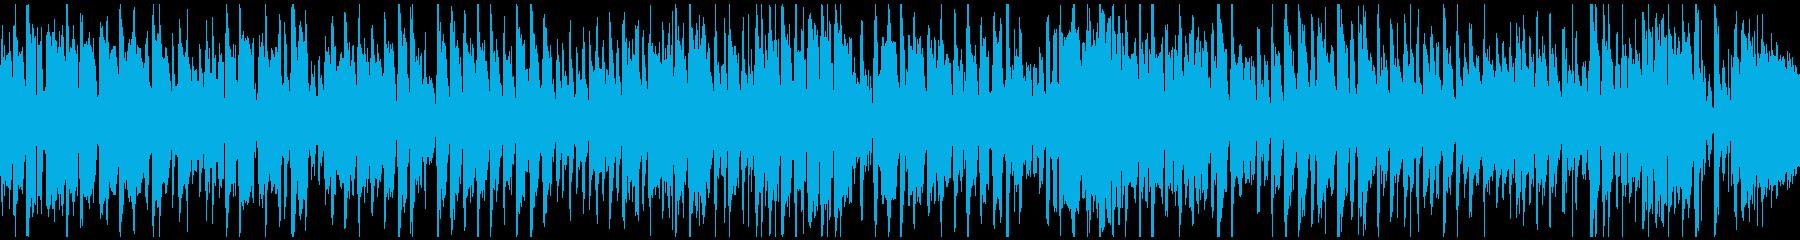 めちゃくちゃノリノリな早い曲!※ループ版の再生済みの波形